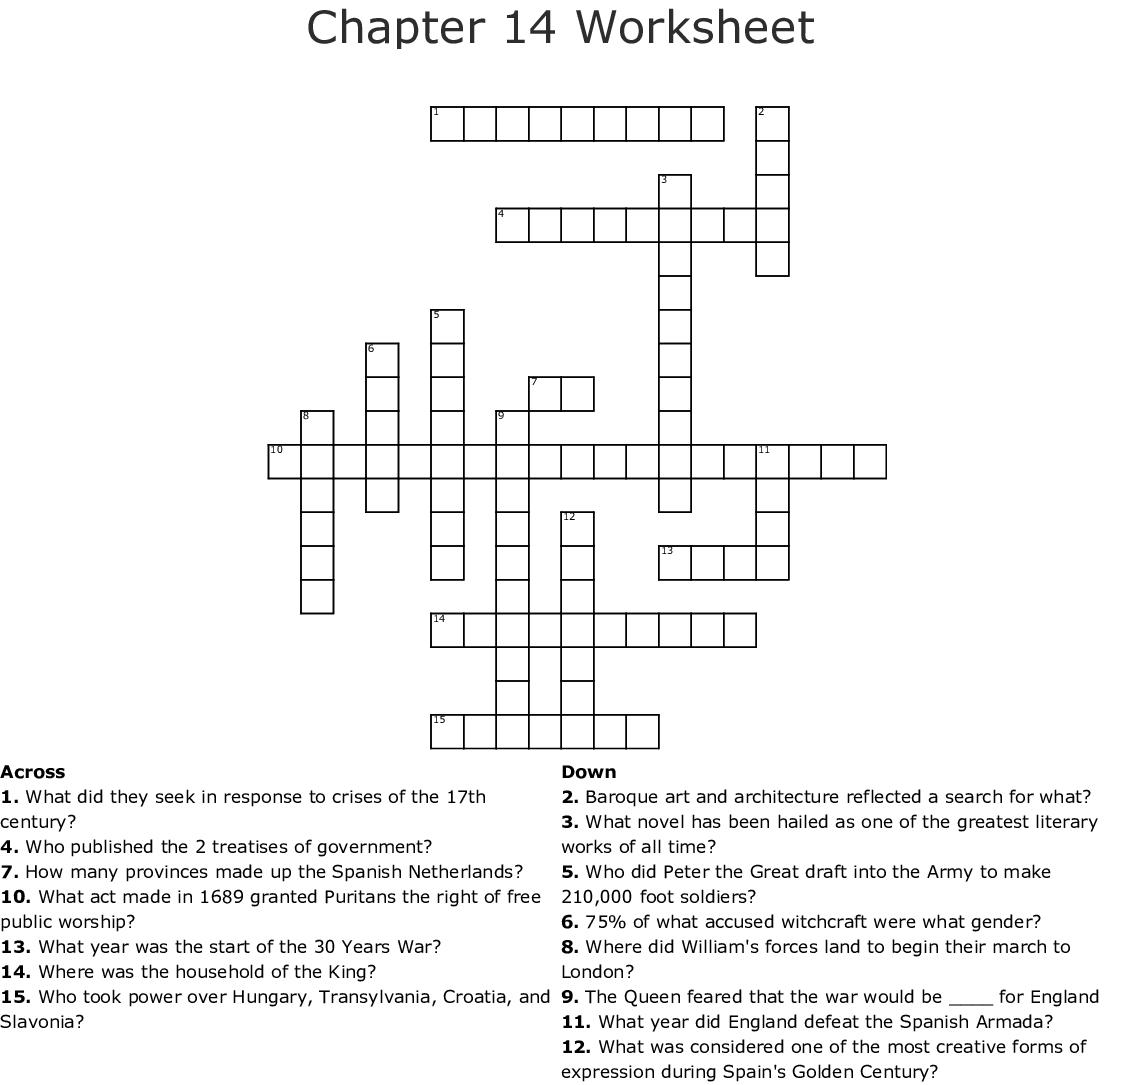 Chapter 14 Worksheet Crossword